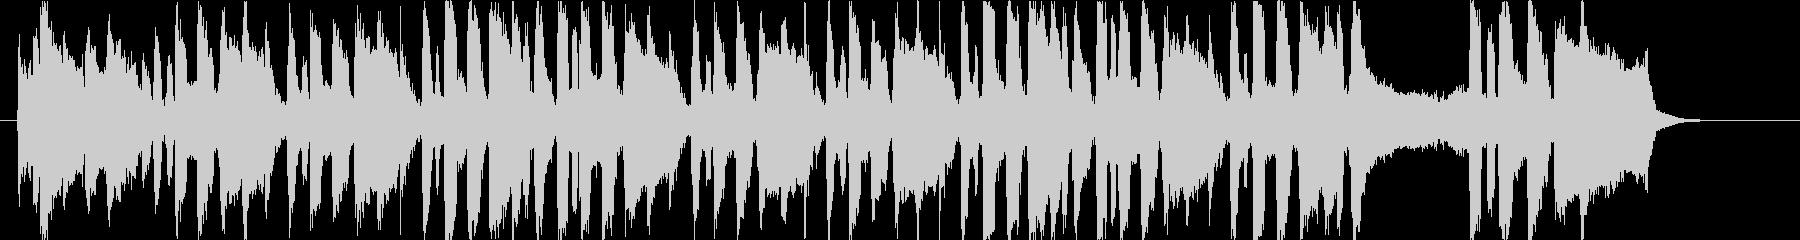 誕生日の歌(ワルツver) 【ユナ】の未再生の波形